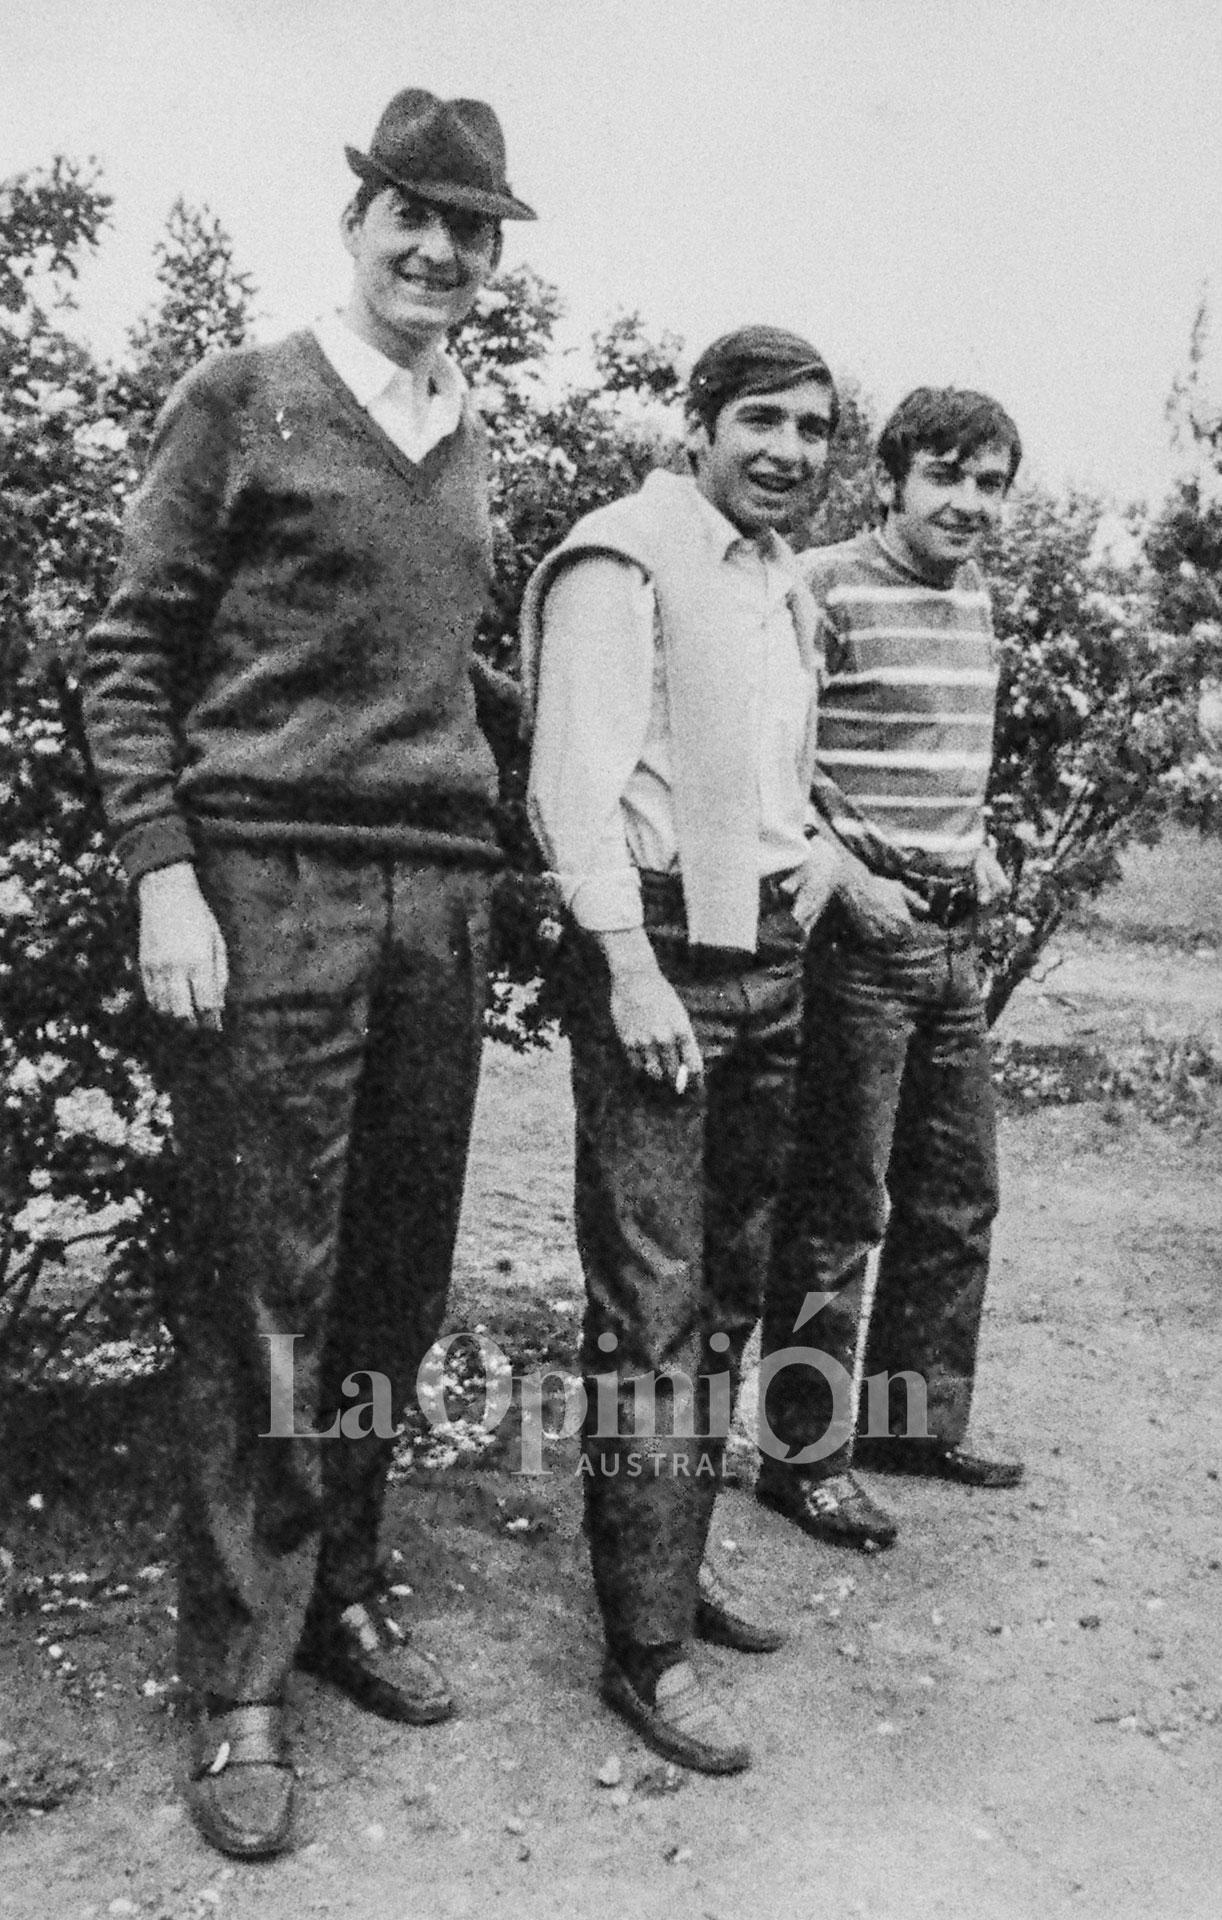 Tres pares de mocasines. Néstor con sombrero y Pepe Salvini con pulóver en los hombros, junto a un amigo, en La Plata.